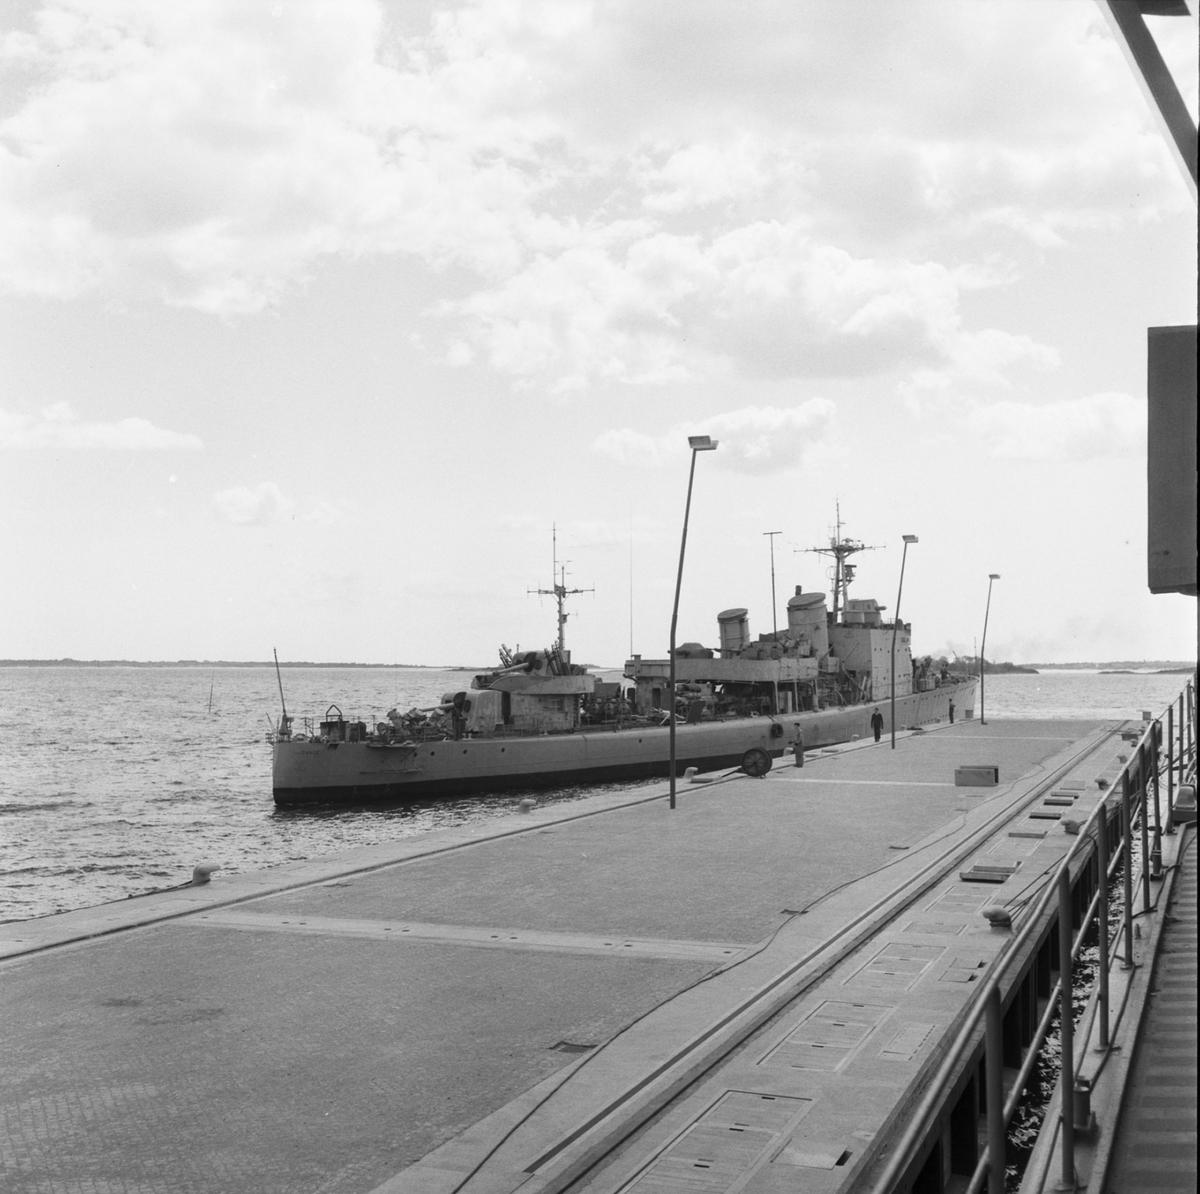 Fartyg: GÄVLE                          Bredd över allt 9,0 meter Längd över allt 94,6 meter Reg. Nr.: 9, 80, F80 Rederi: Kungliga Flottan, Marinen Byggår: 1941 Varv: Götaverken, Göteborgs MV Övrigt: Inbogsering till utrustningspiren.